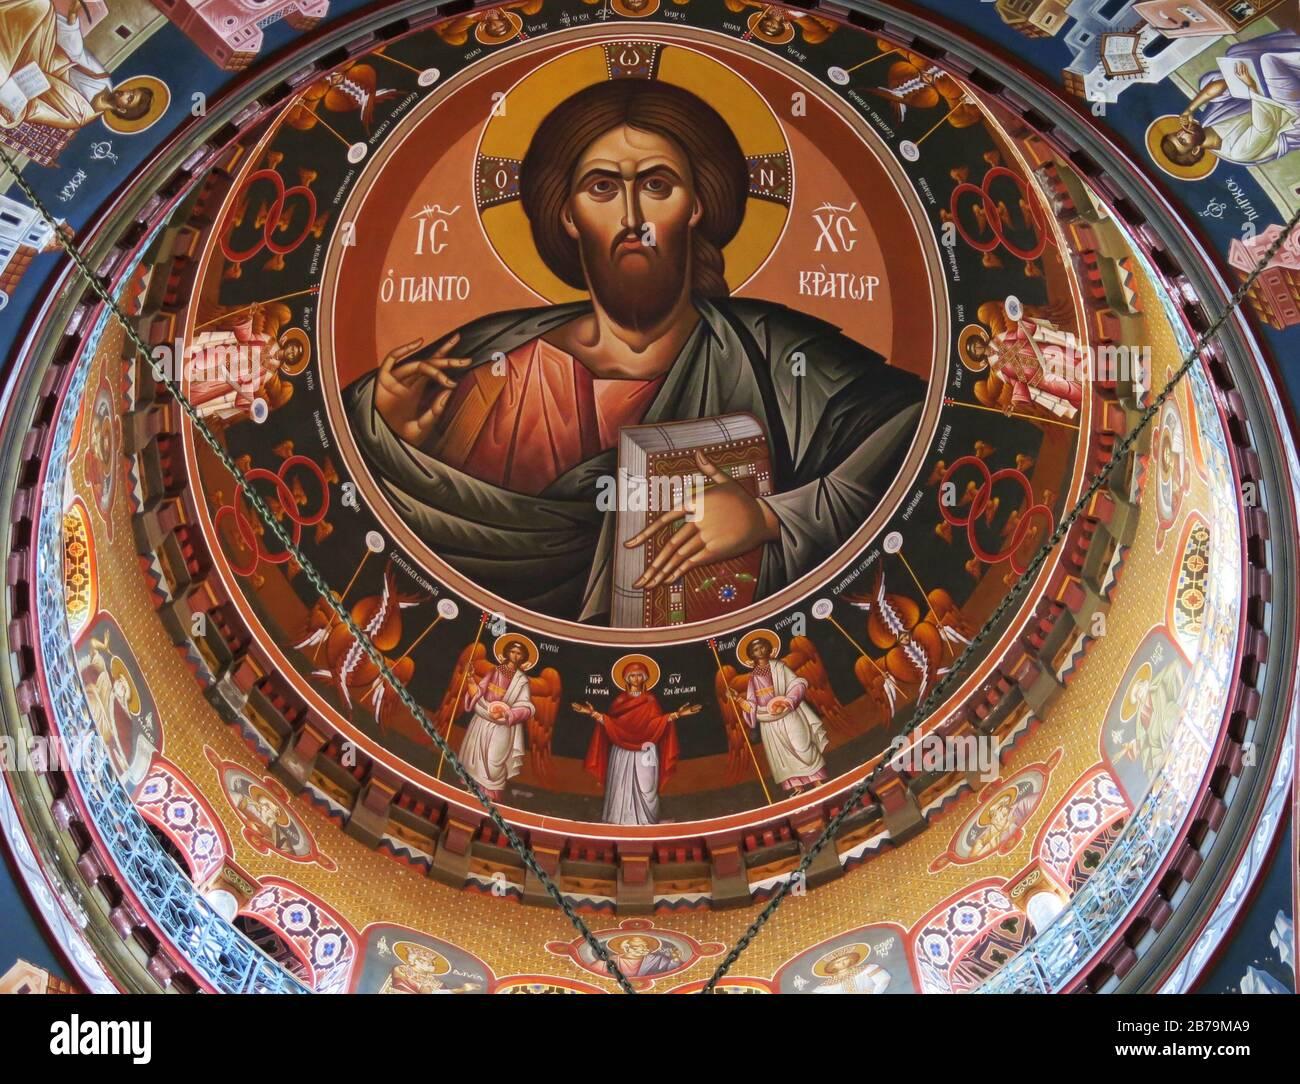 La murale de Jésus-Christ sur le dôme de la cathédrale Saint Mena à Héraklion, Crète, Grèce. Banque D'Images